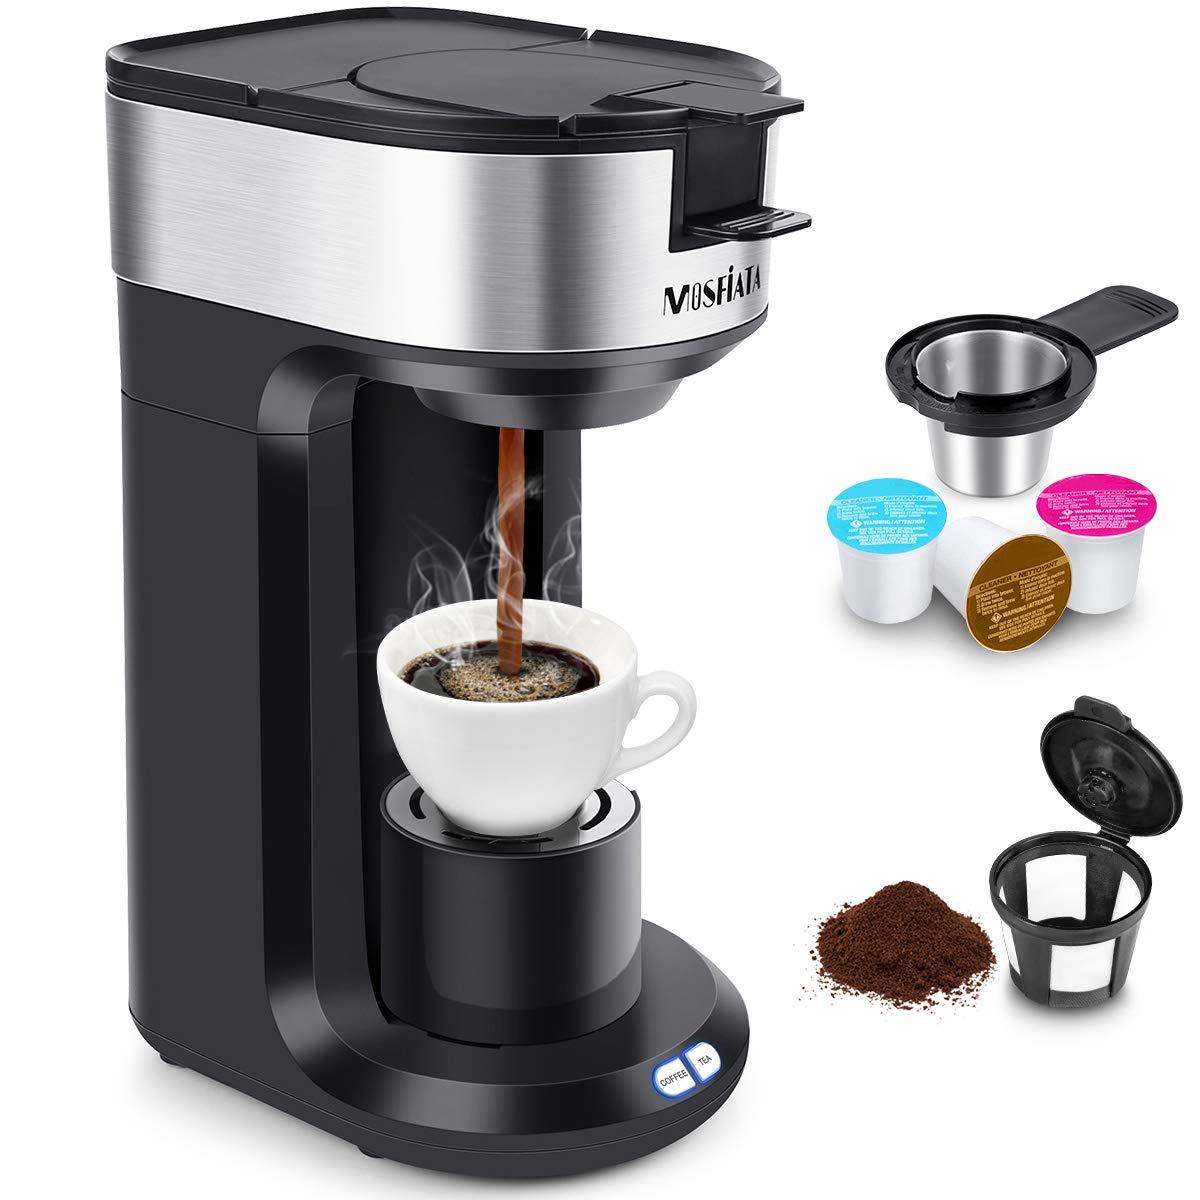 Cafetera MOSFiATA Cafetera con filtro 3 en 1 para café en polvo ...